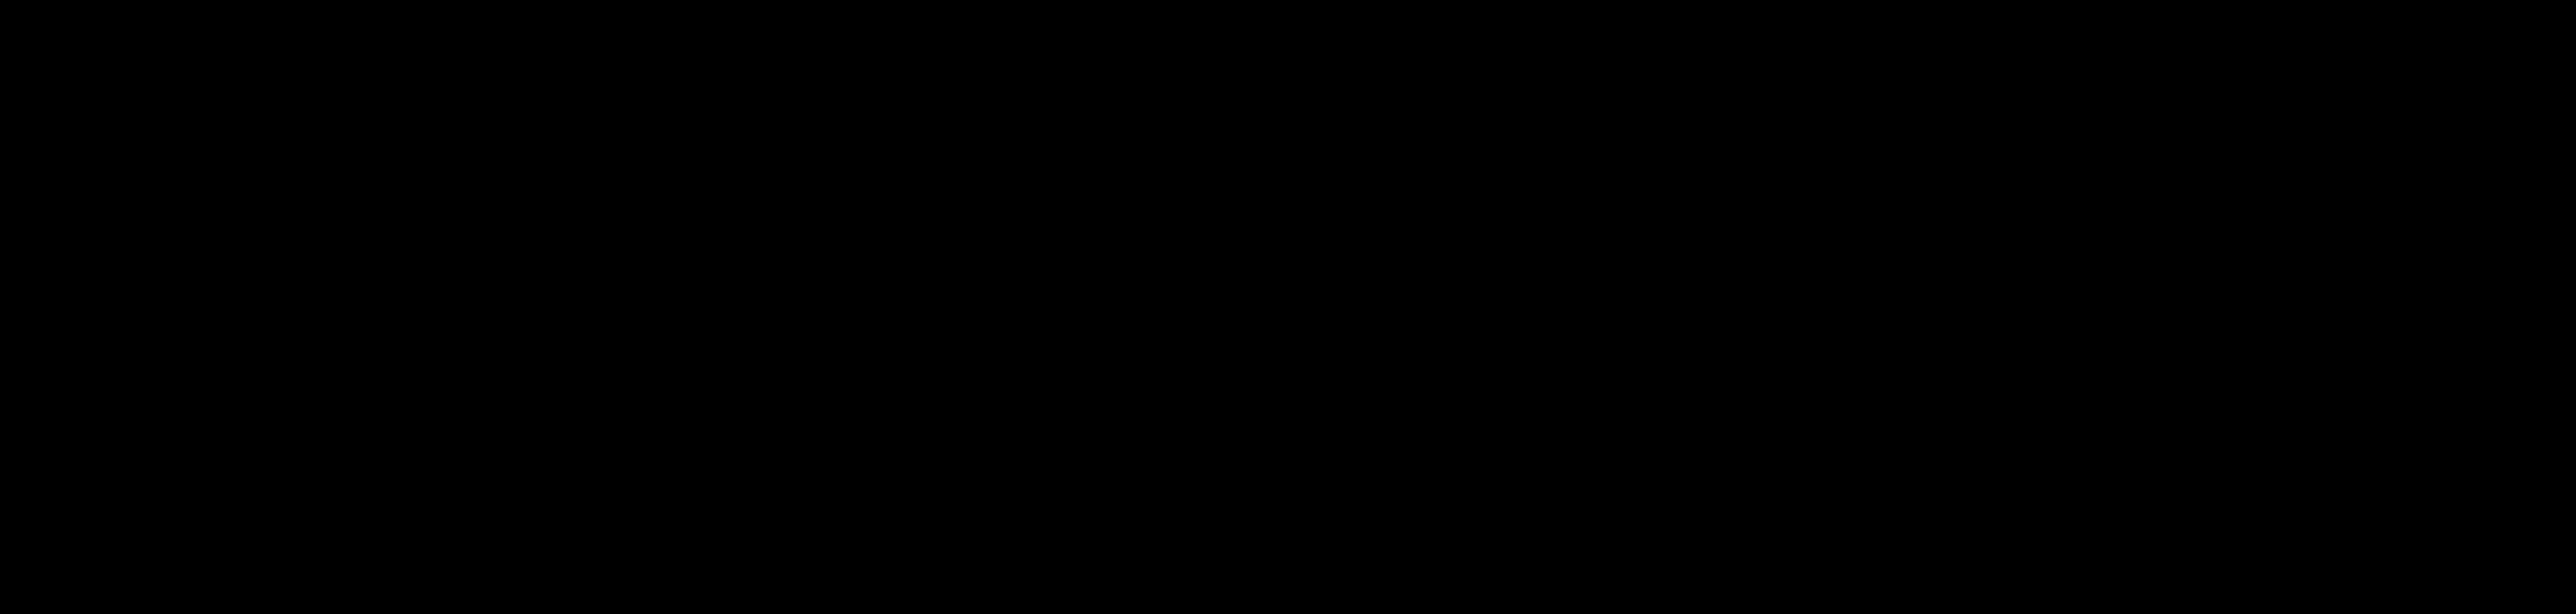 Orevida Logo